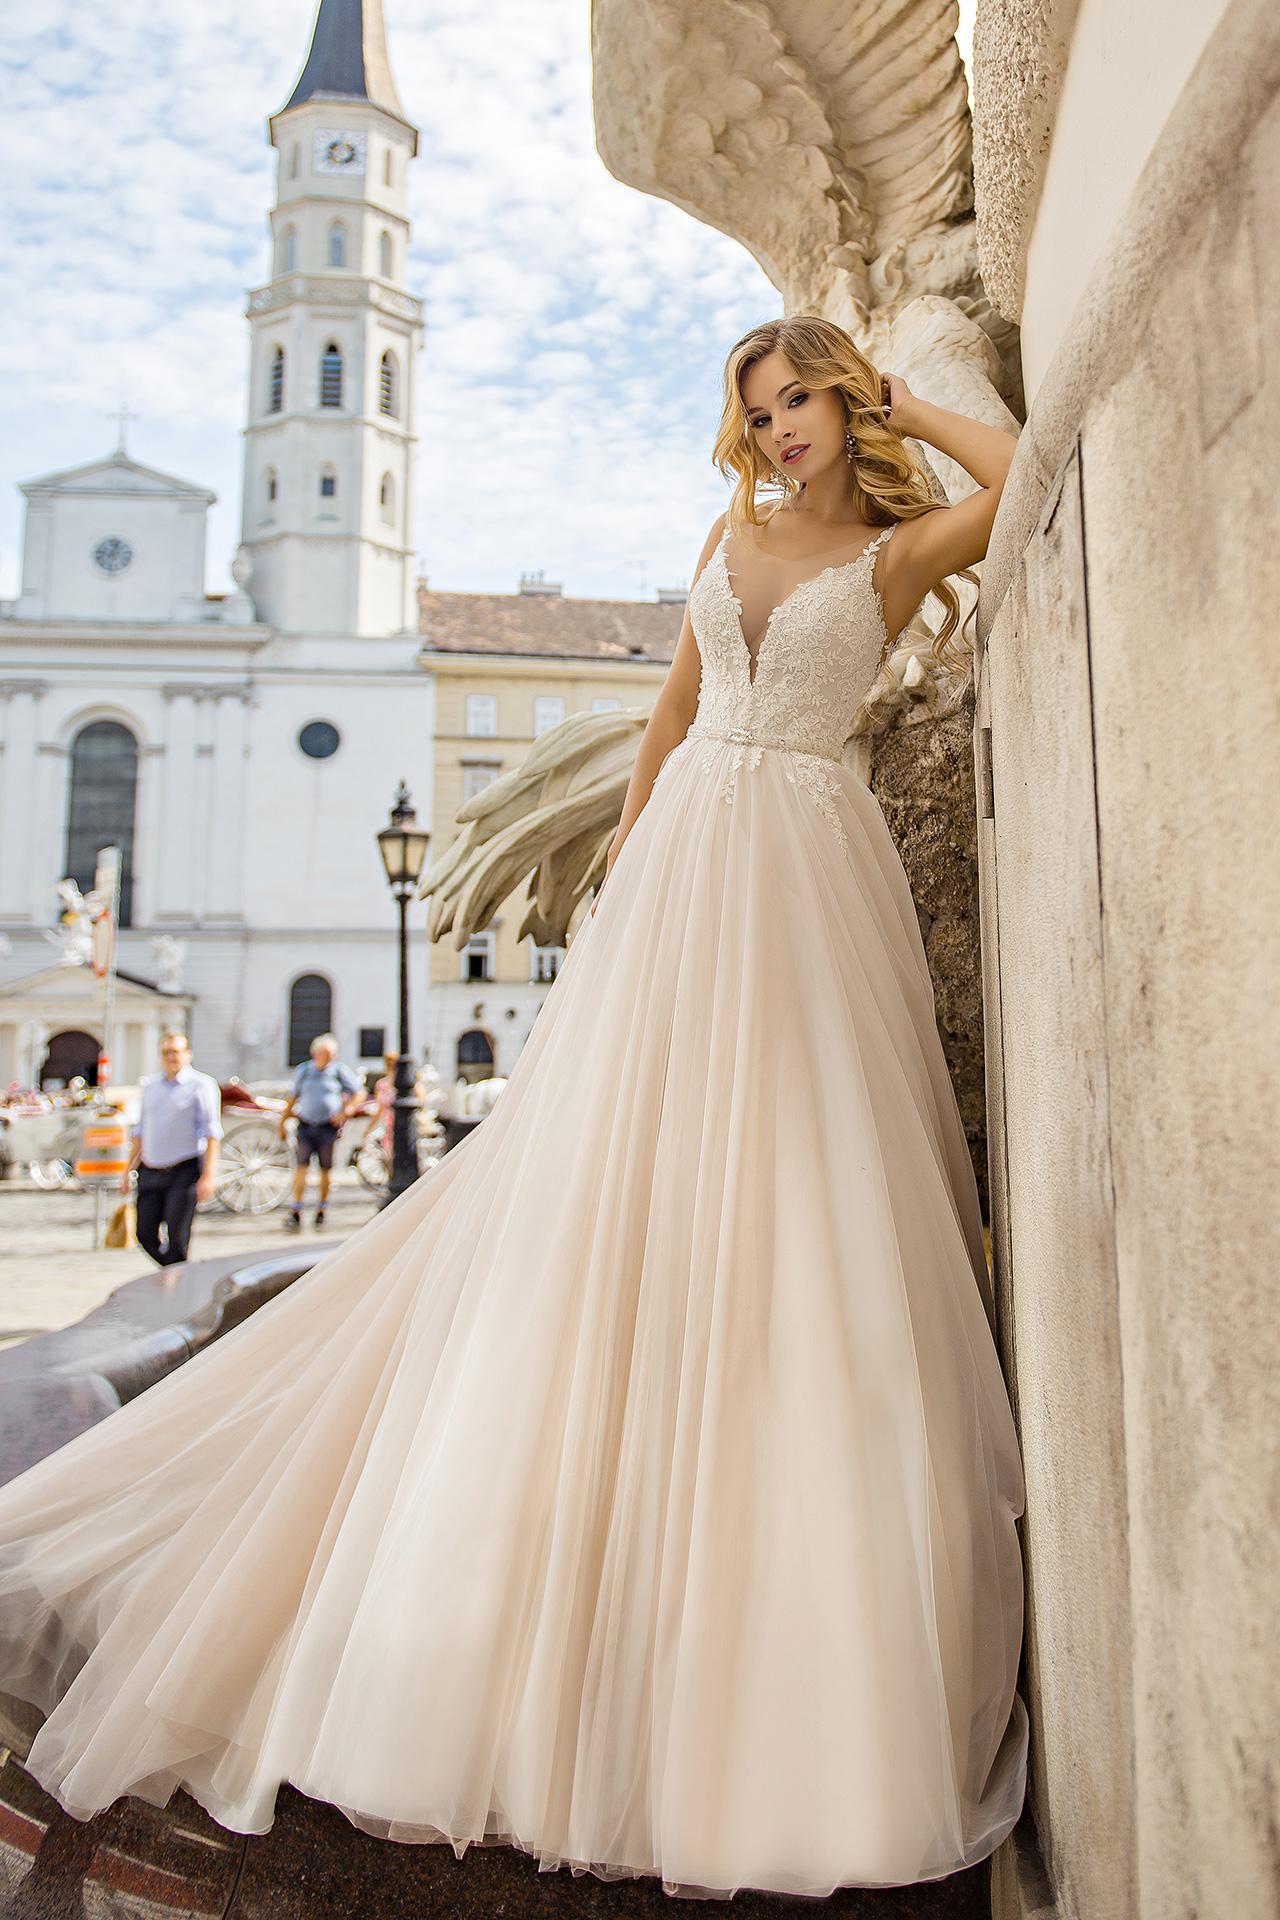 Kaufen Sie ein Hochzeitskleid Inesa - Elegante Silhouette mit